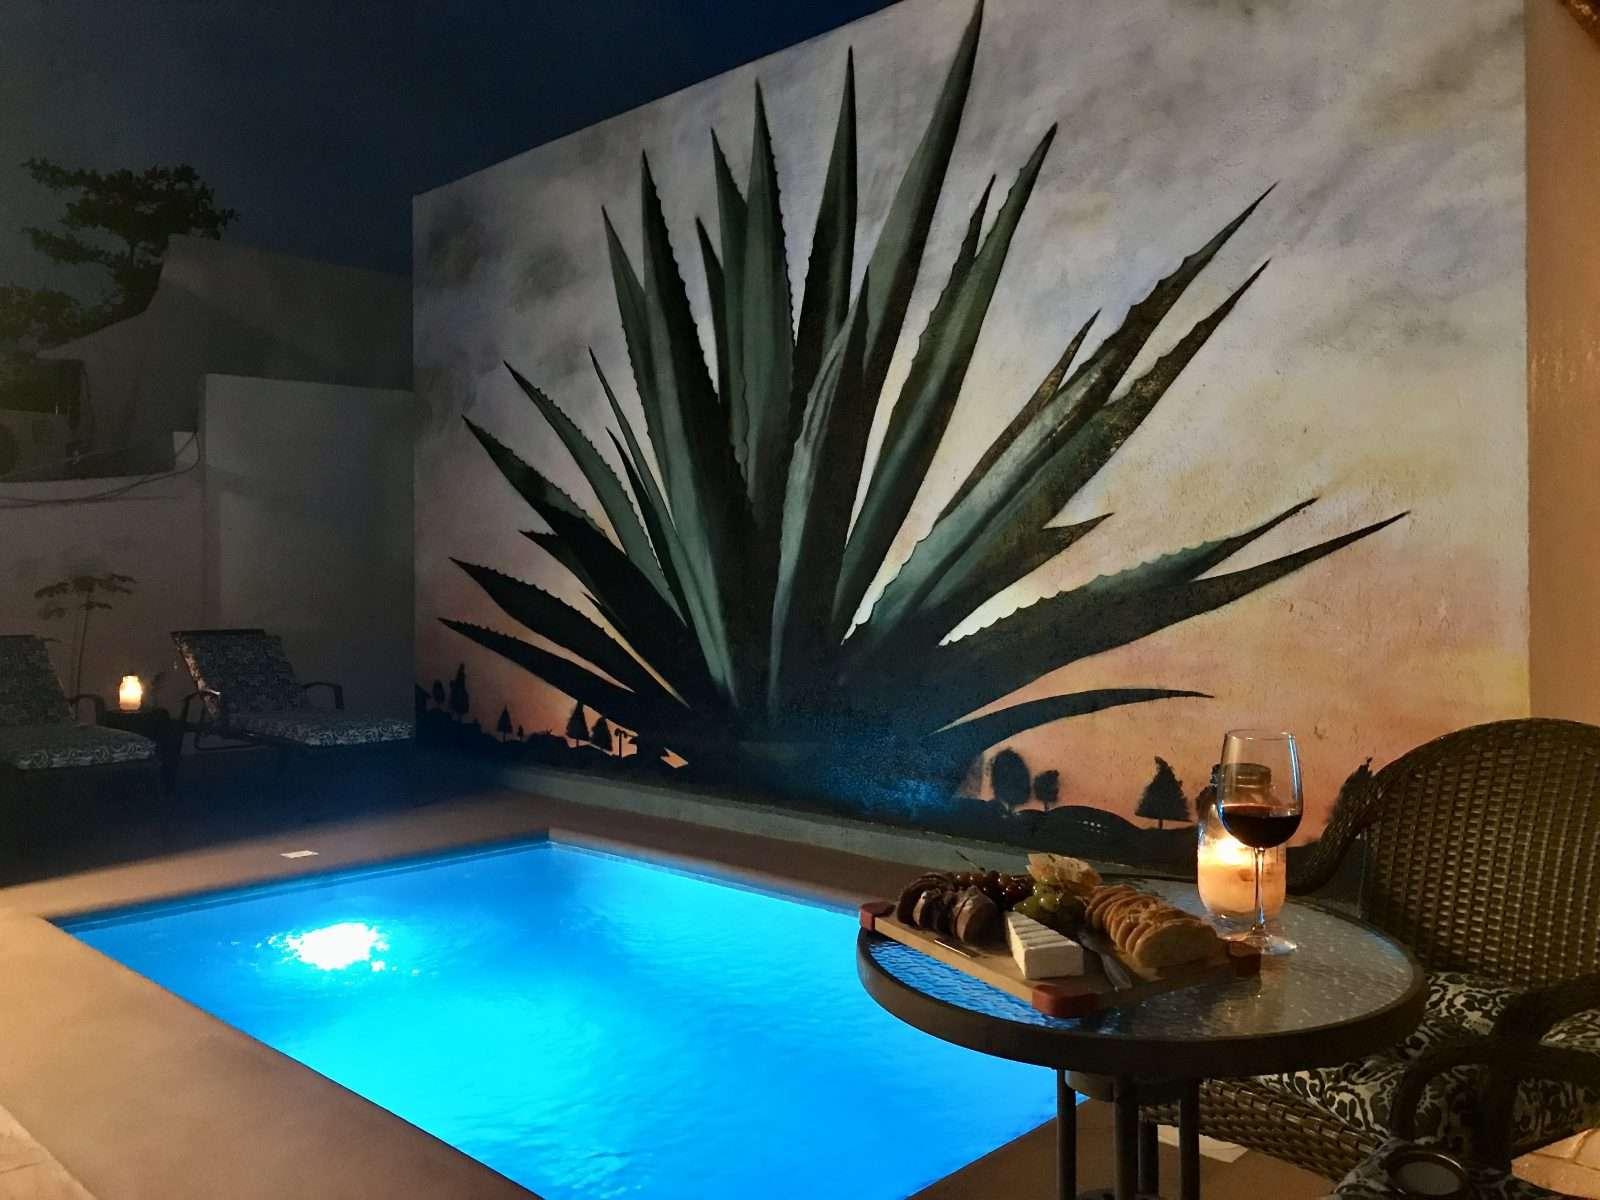 Vacation rental in Puerto Morelos, Mexico